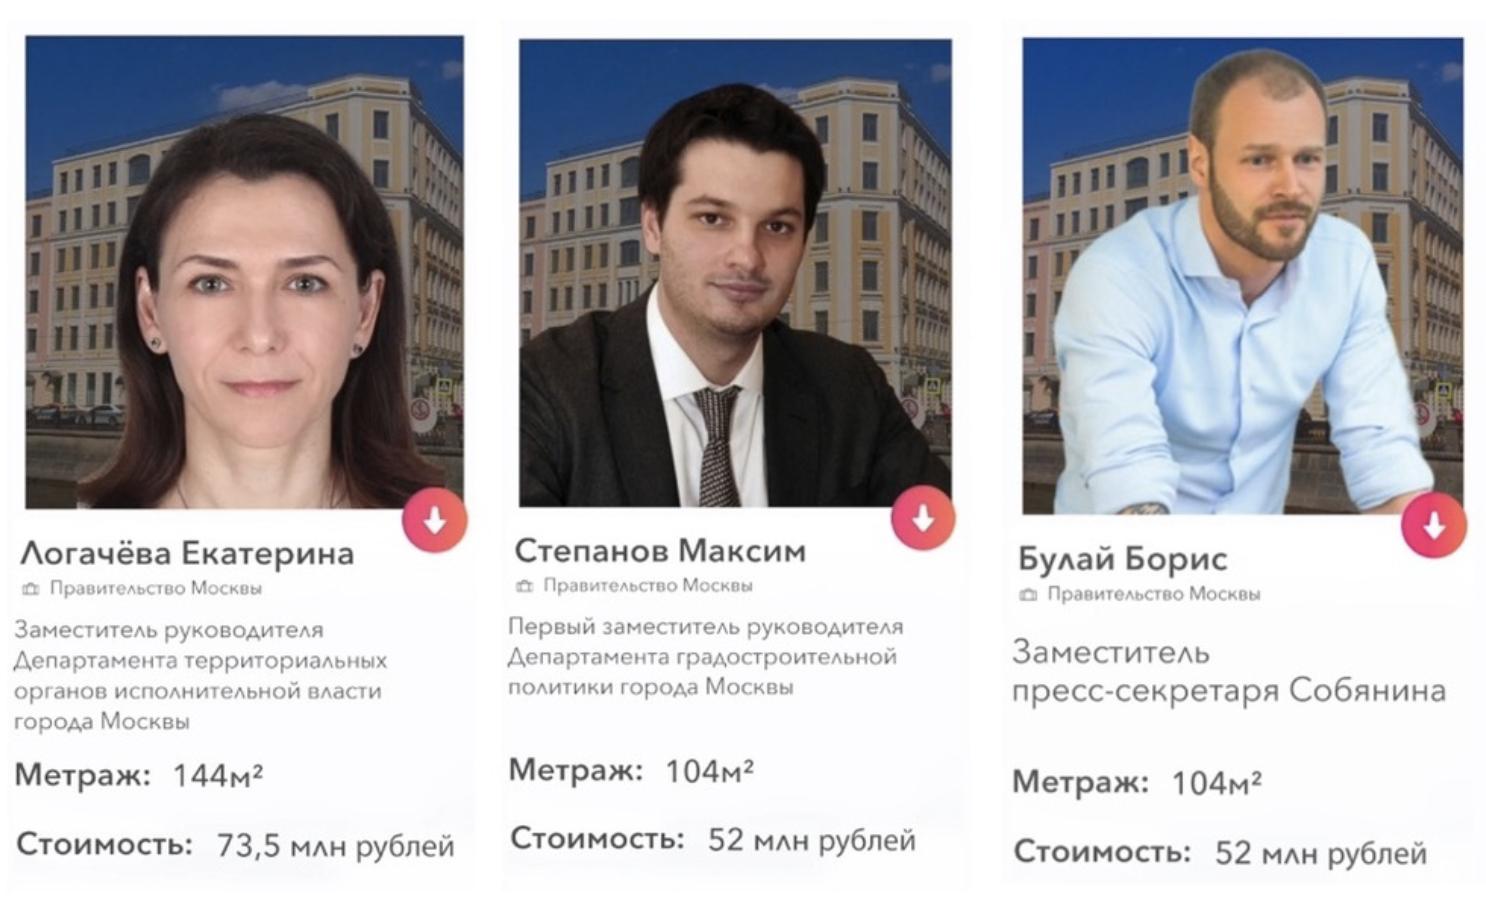 Подарили квартиру квартиры, Навальный, чиновников, которые, мэрии, жильё, Сергей, Семёнович, центре, элитном, хорошеет, произошло, Навального, ролик, Соцсети, чиновники, Собянину, хорошо, полную, какието